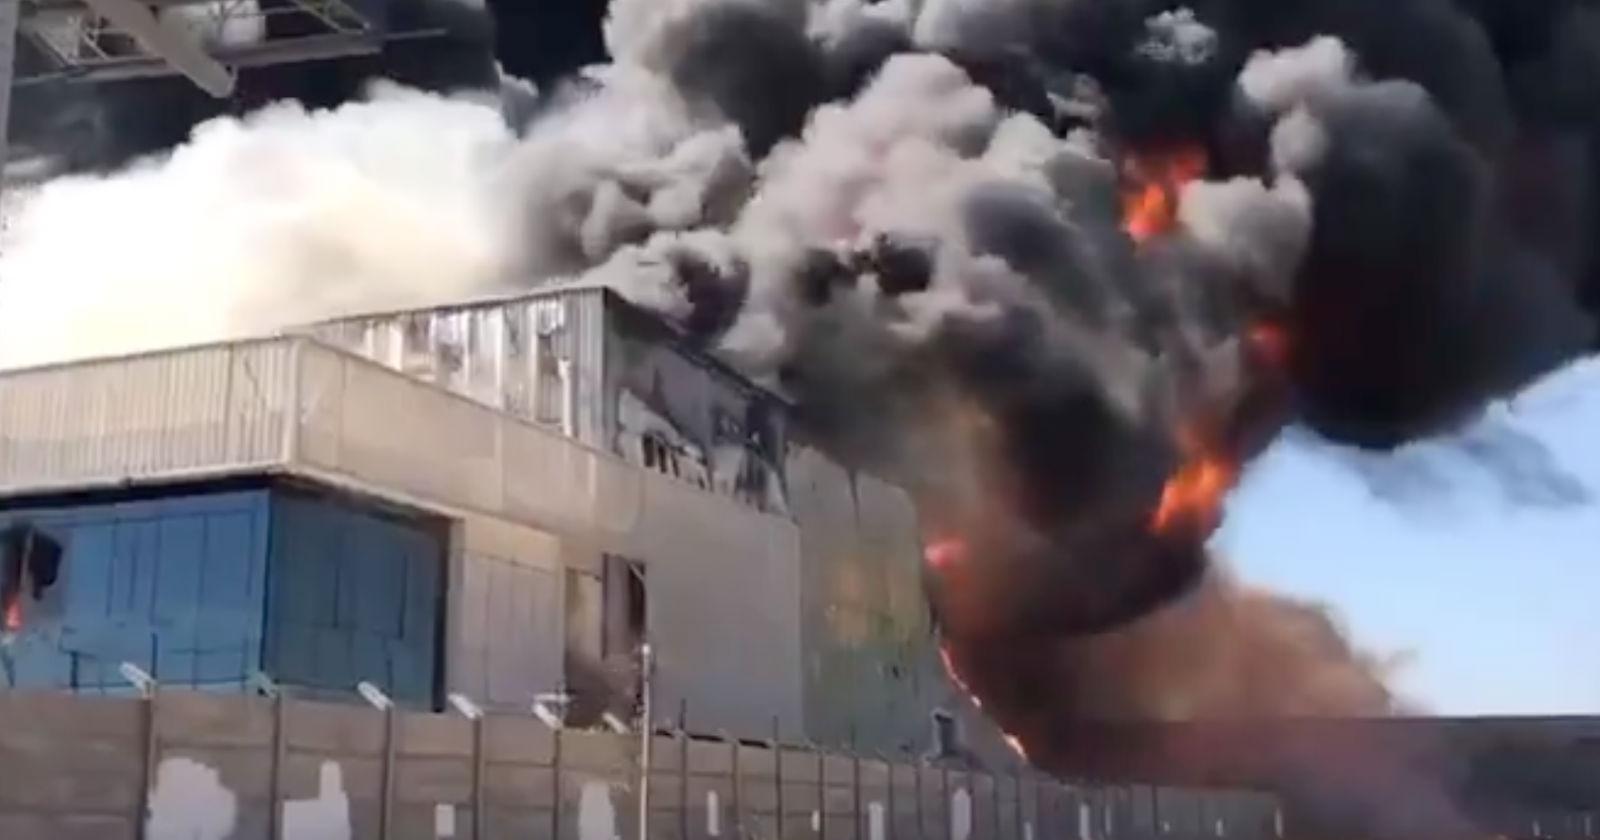 FOTOS + VIDEOS – Gigantesco incendio en bodega de Renca generó gran columna de humo